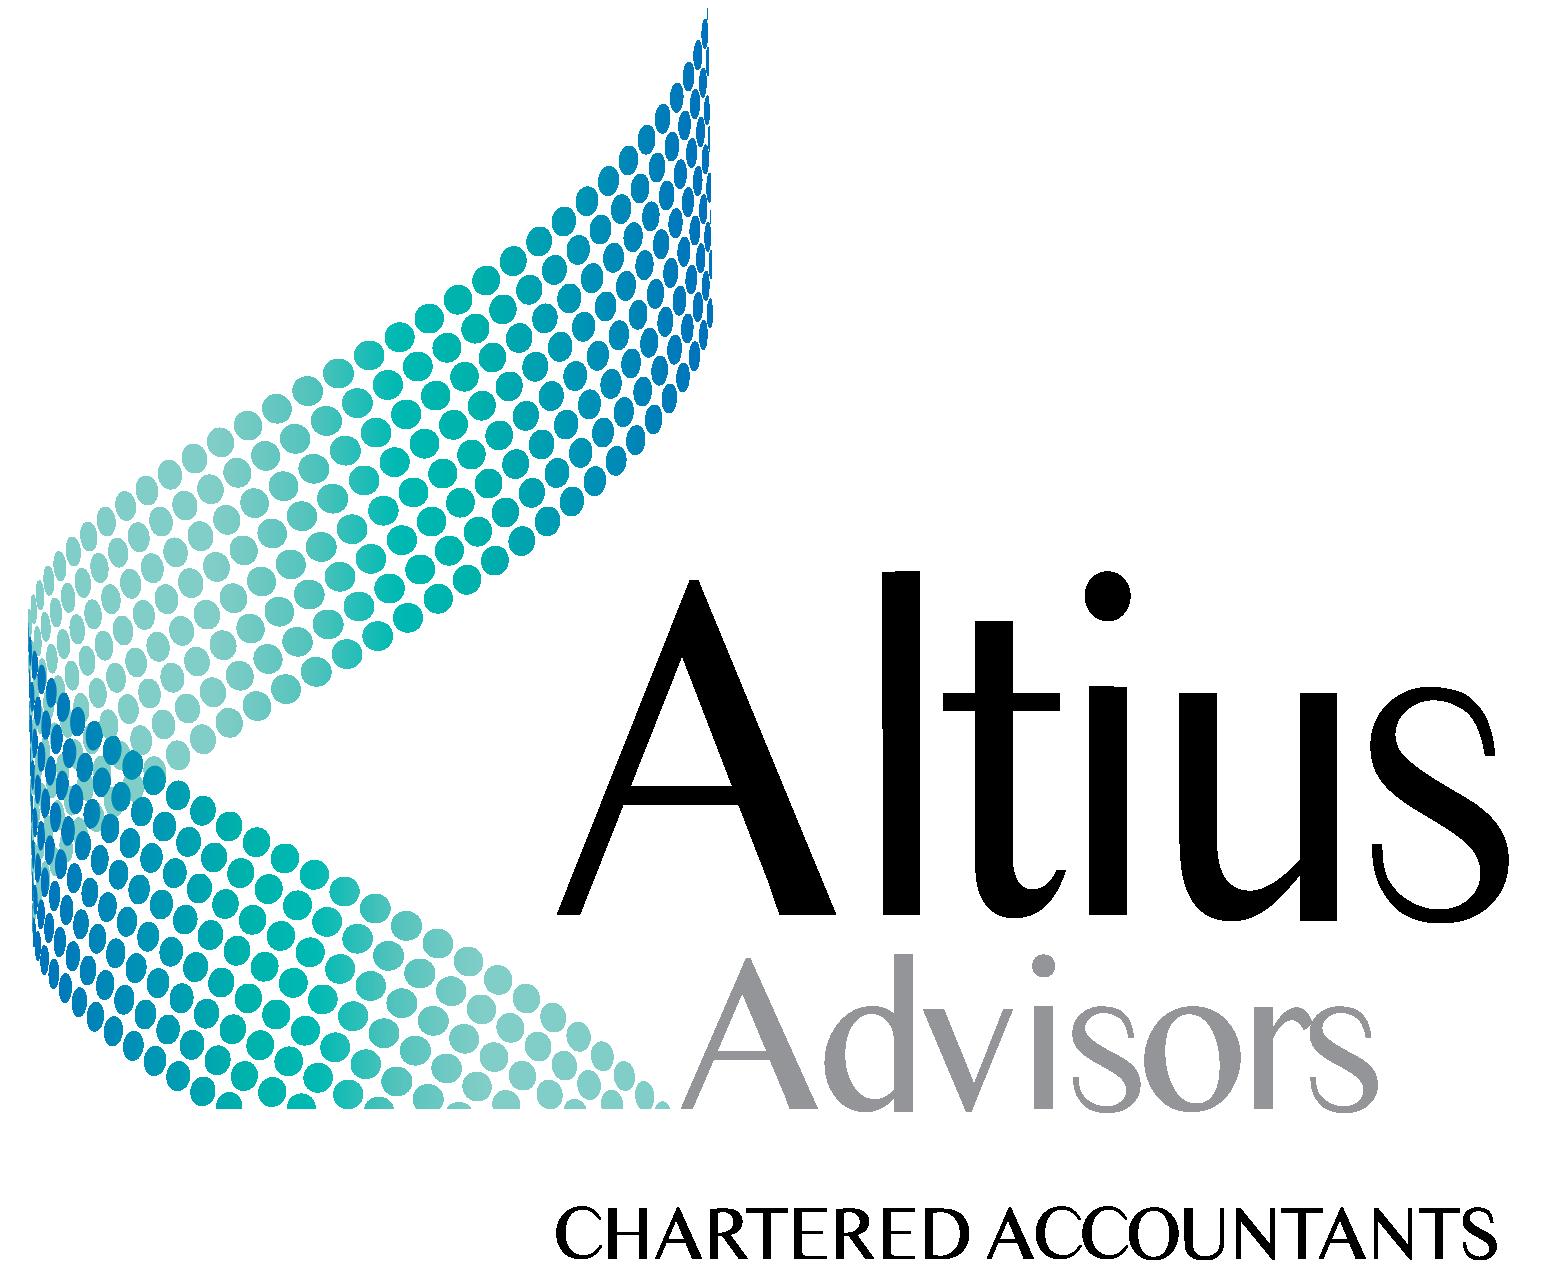 Altius Advisors